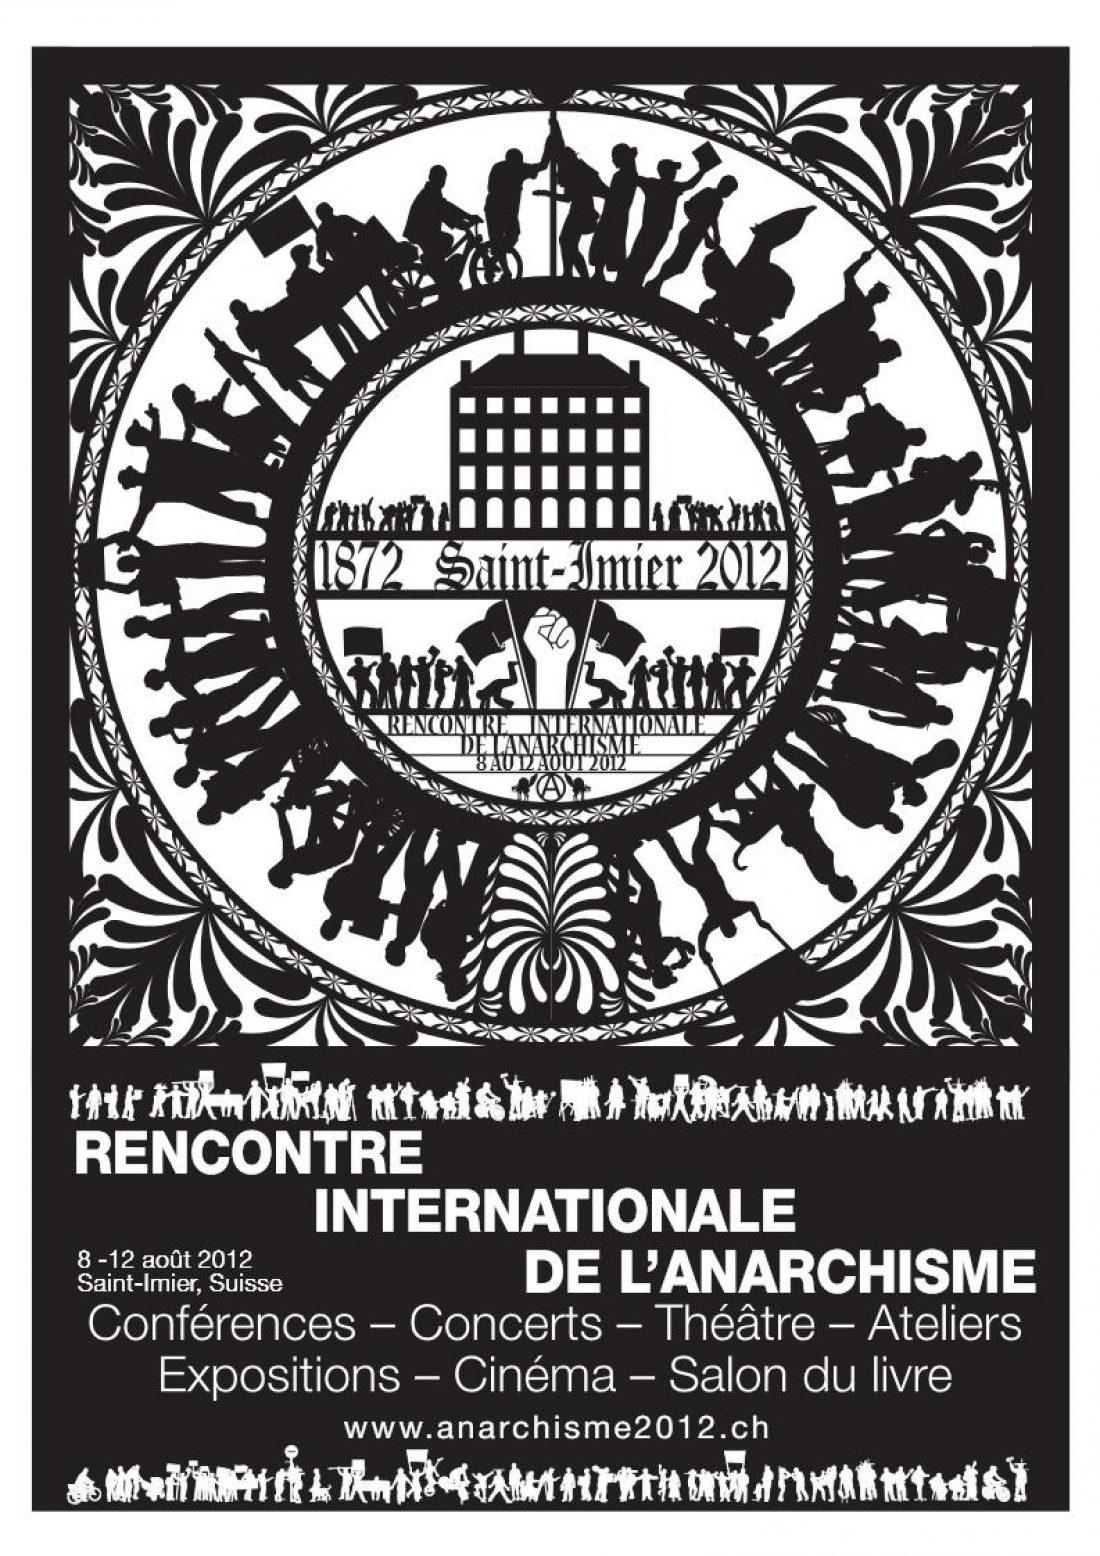 CGT participara en el encuentro libertario mundial en St-Imier (Suiza) del 8 al 12 de agosto de 2012